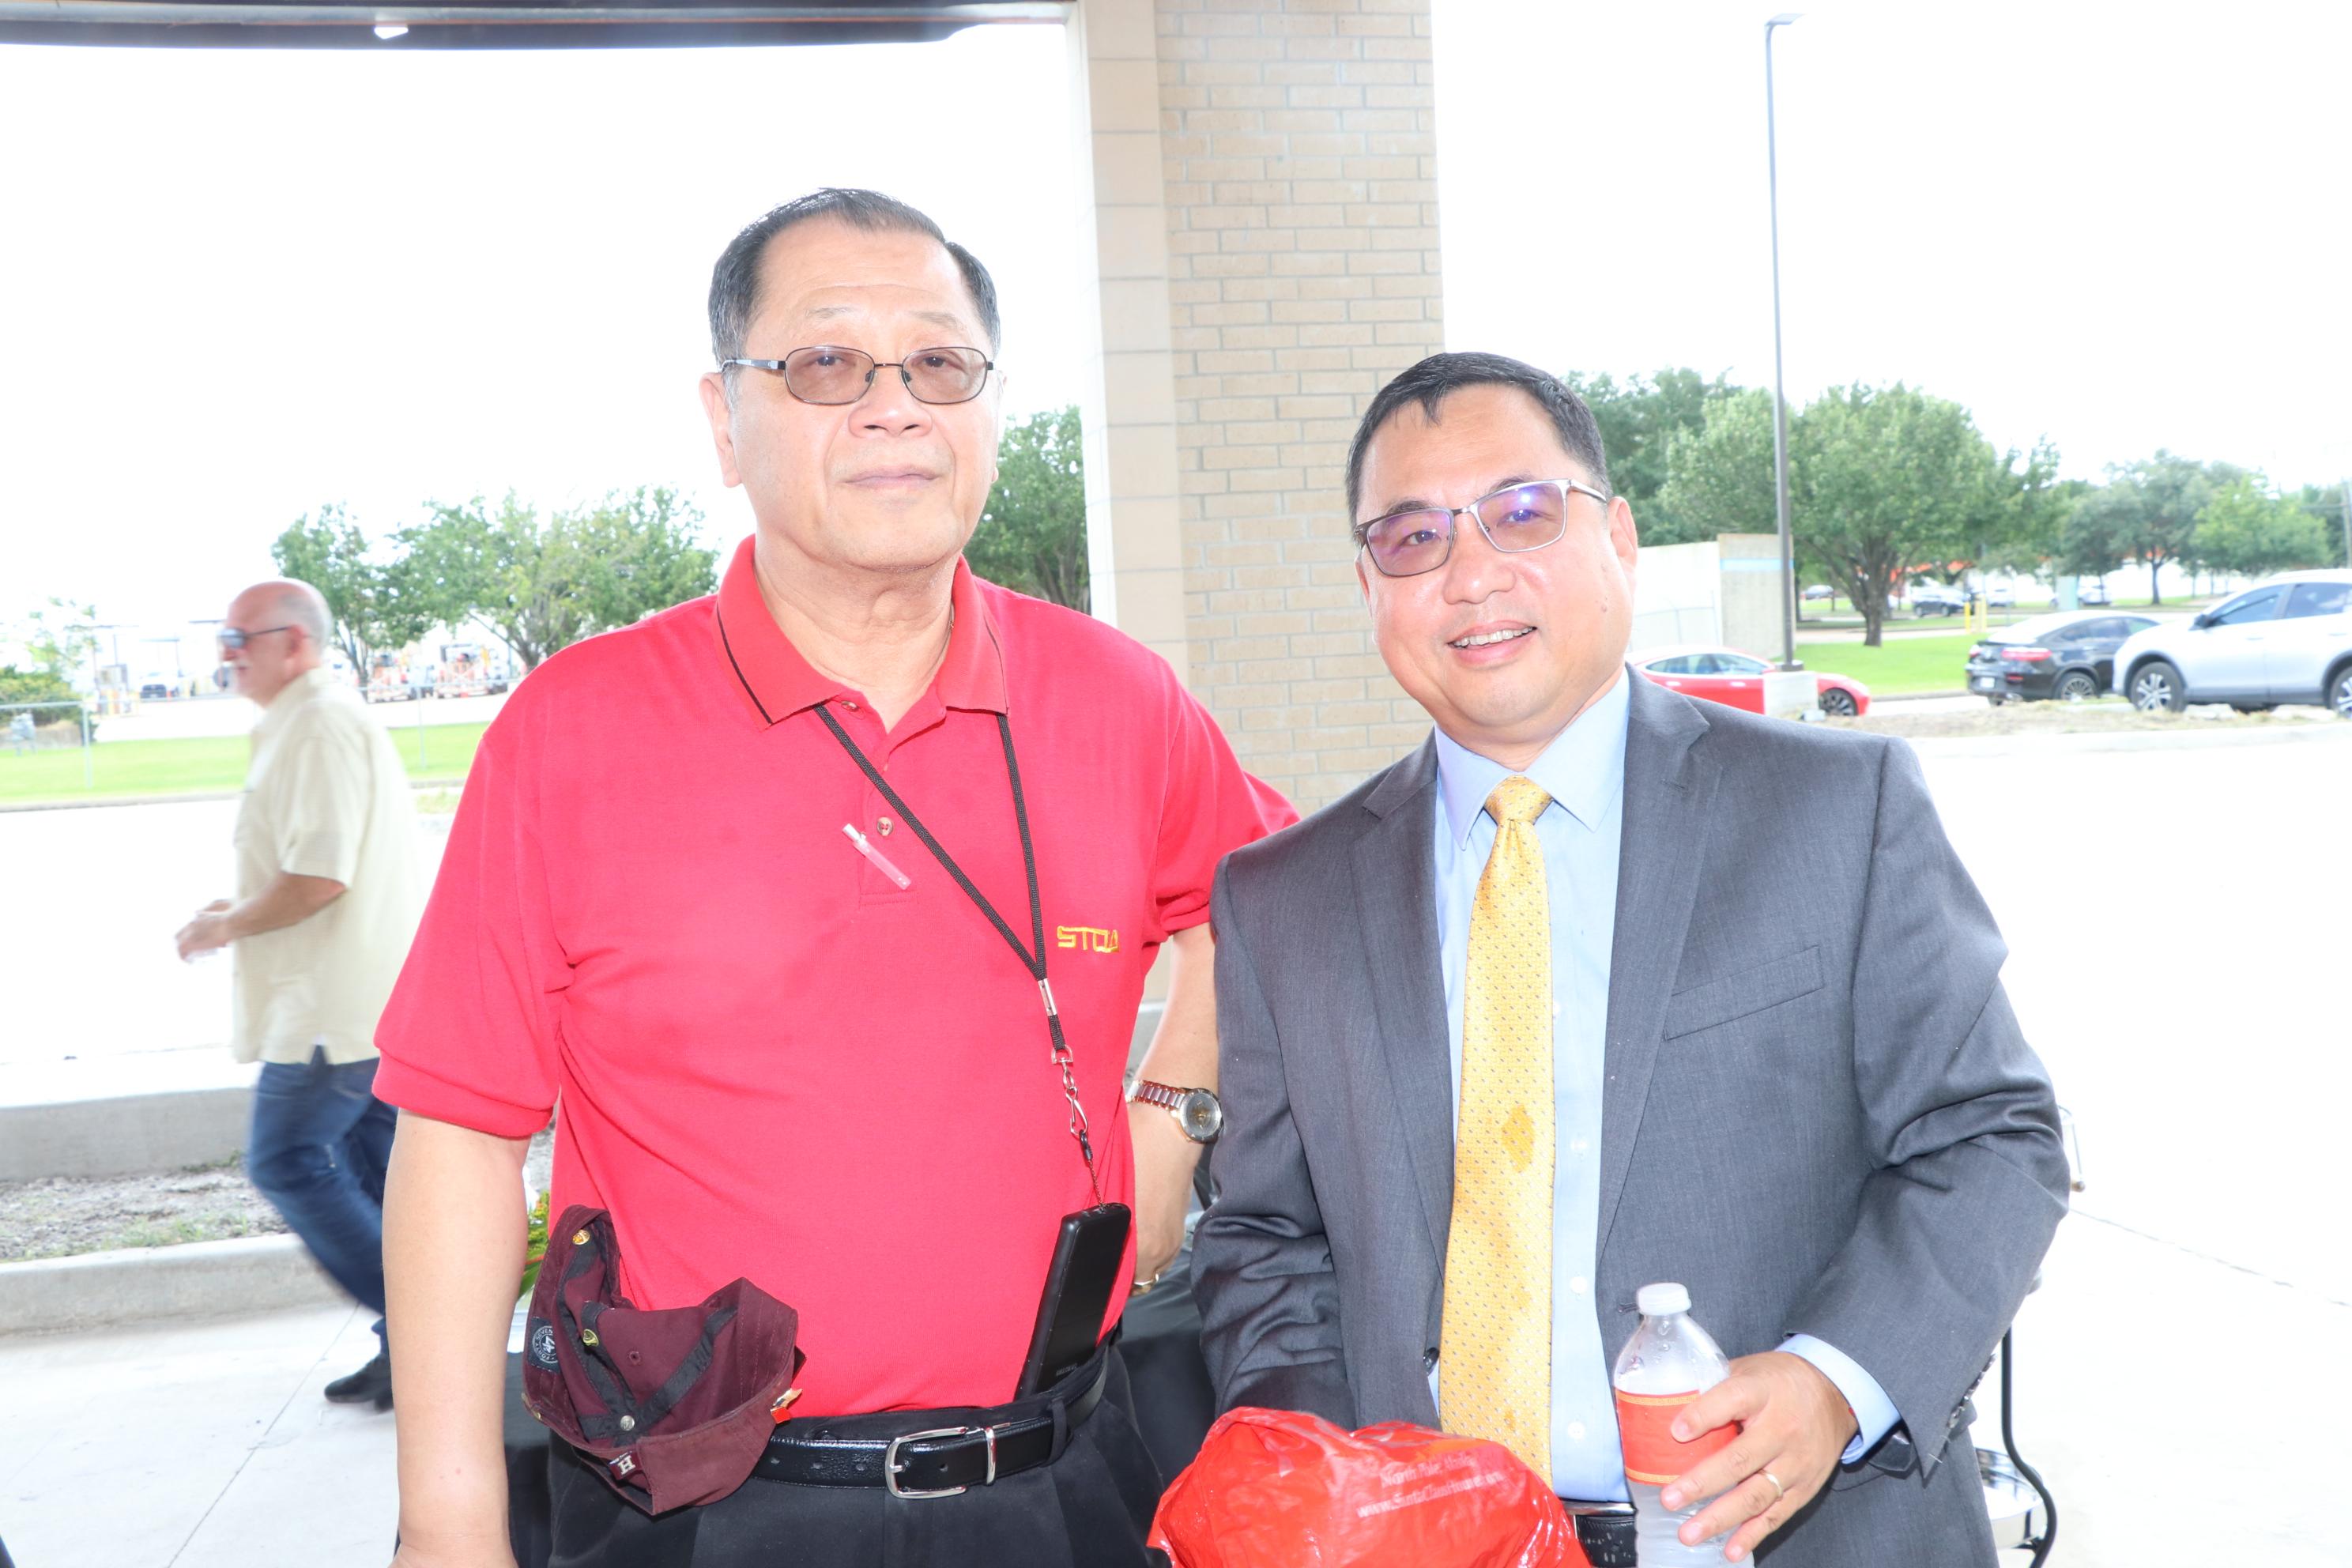 休士頓亞裔商會會長喻斌(右)表示,銀髮族公寓的市場未來潛力十足,他高度讚揚李兆瓊(左)眼光獨到。